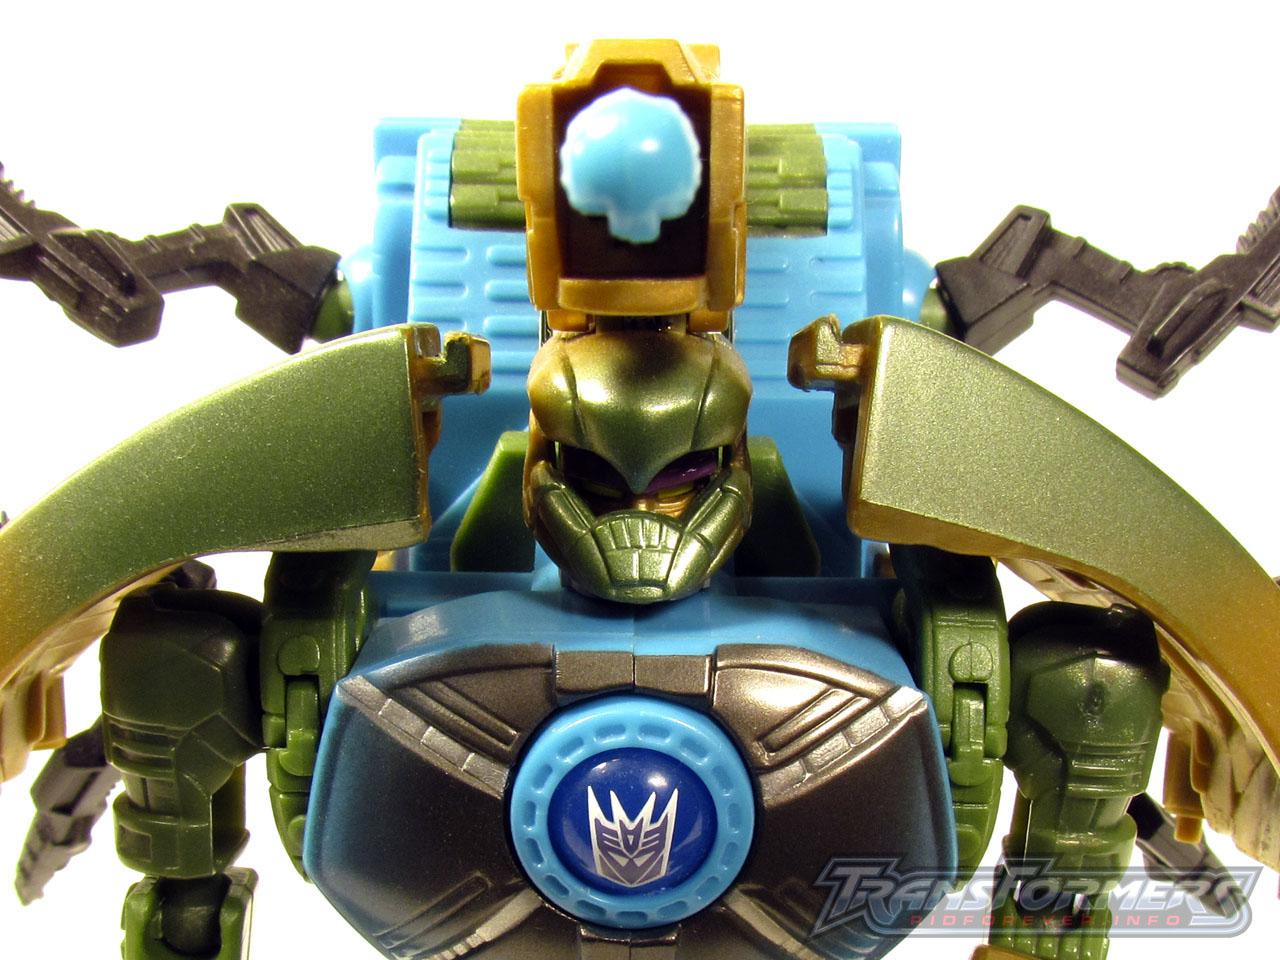 RID Megabolt Megatron Green 007